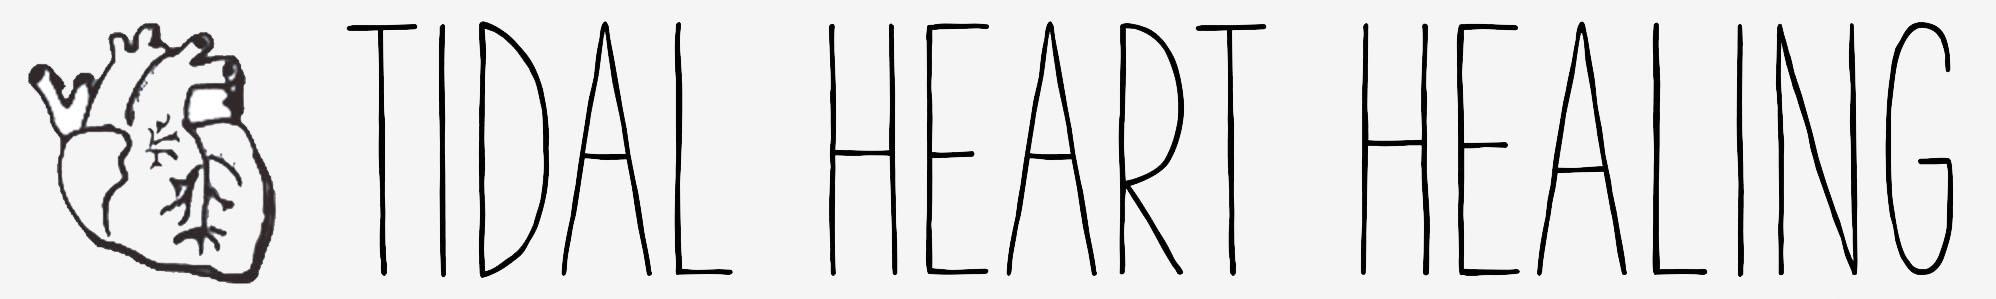 Tidal Heart Healing